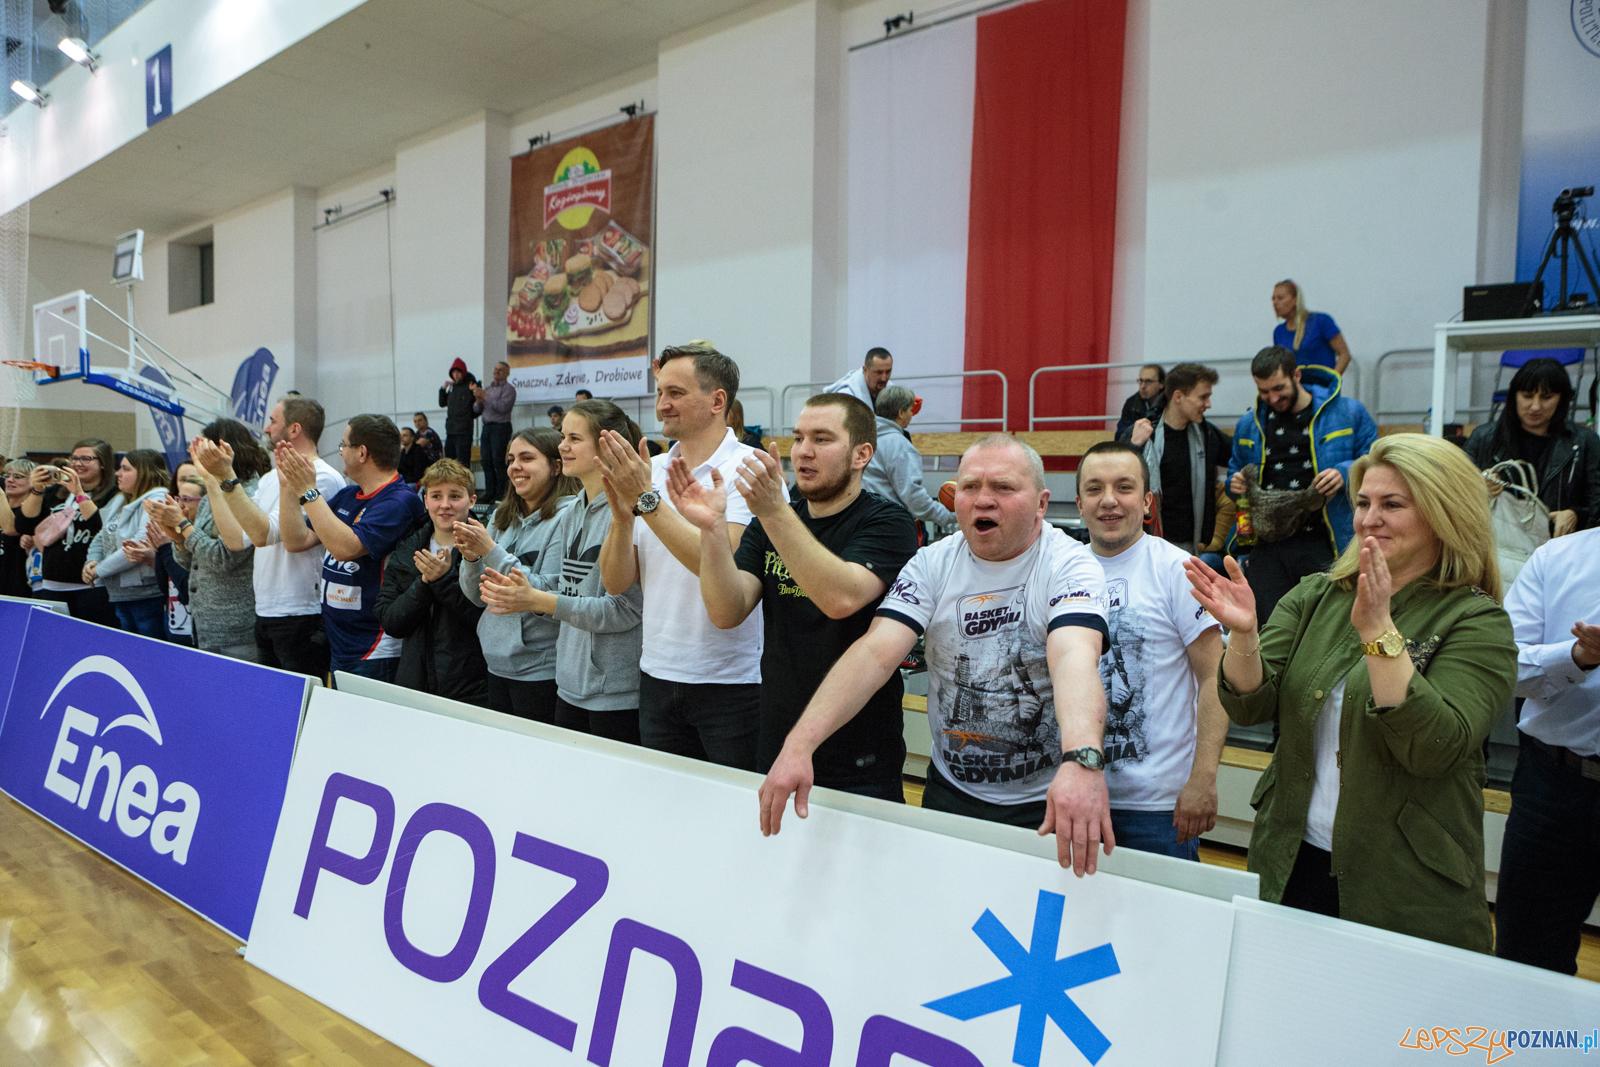 MP U22 - Zwyciężczynie turnieju: VBW GTK Gdynia - Poznań 25.0  Foto: LepszyPOZNAN.pl / Paweł Rychter